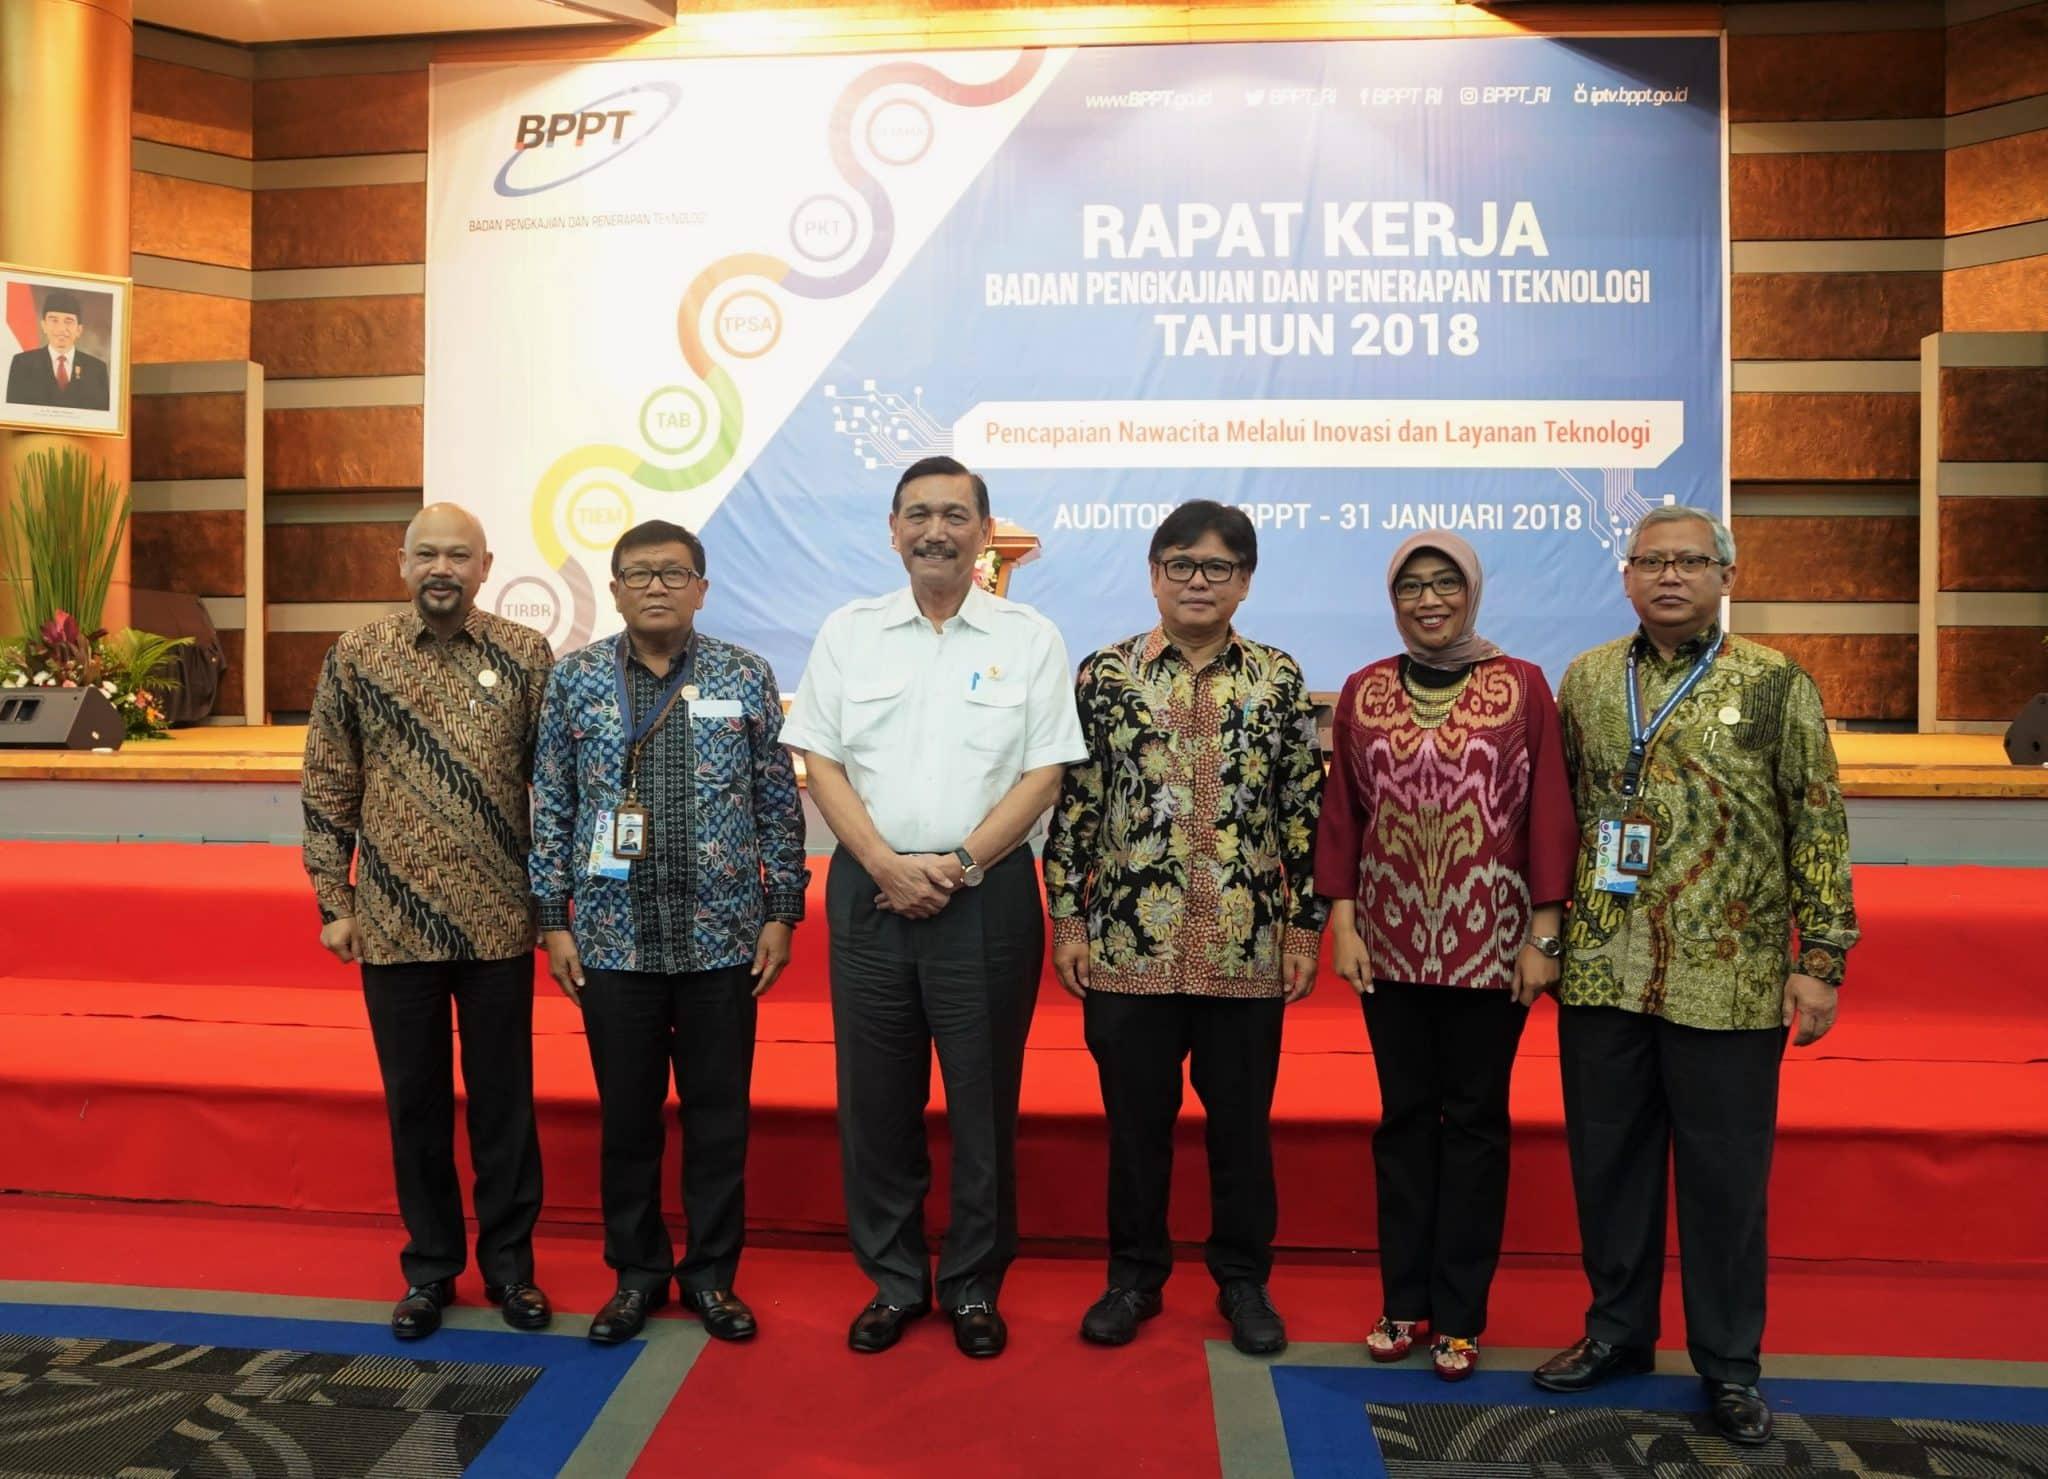 Menko Maritim : BPPT Adalah Unsur Penting Dalam Memajukan Teknologi Demi Kemandirian Bangsa Indonesia